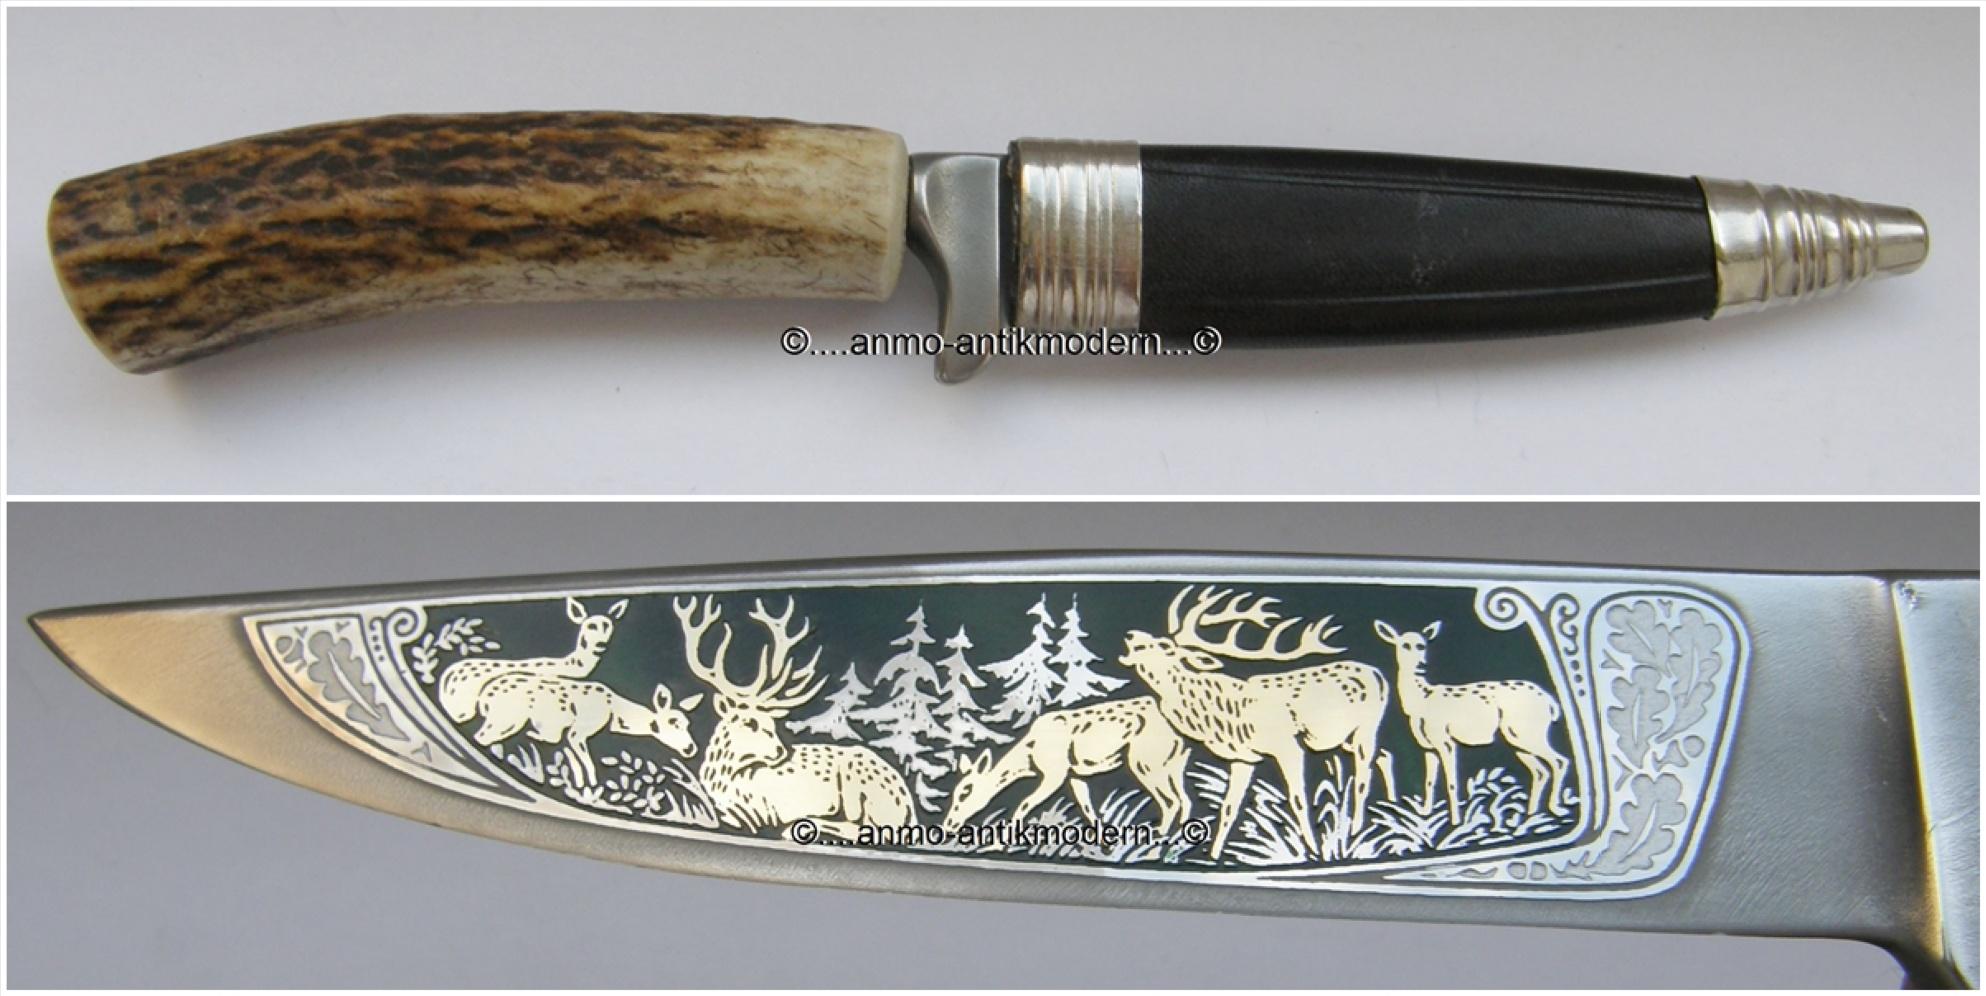 jagdmesser widder antik 440 hirsche horngriff lederscheide messer solingen jagd ebay. Black Bedroom Furniture Sets. Home Design Ideas